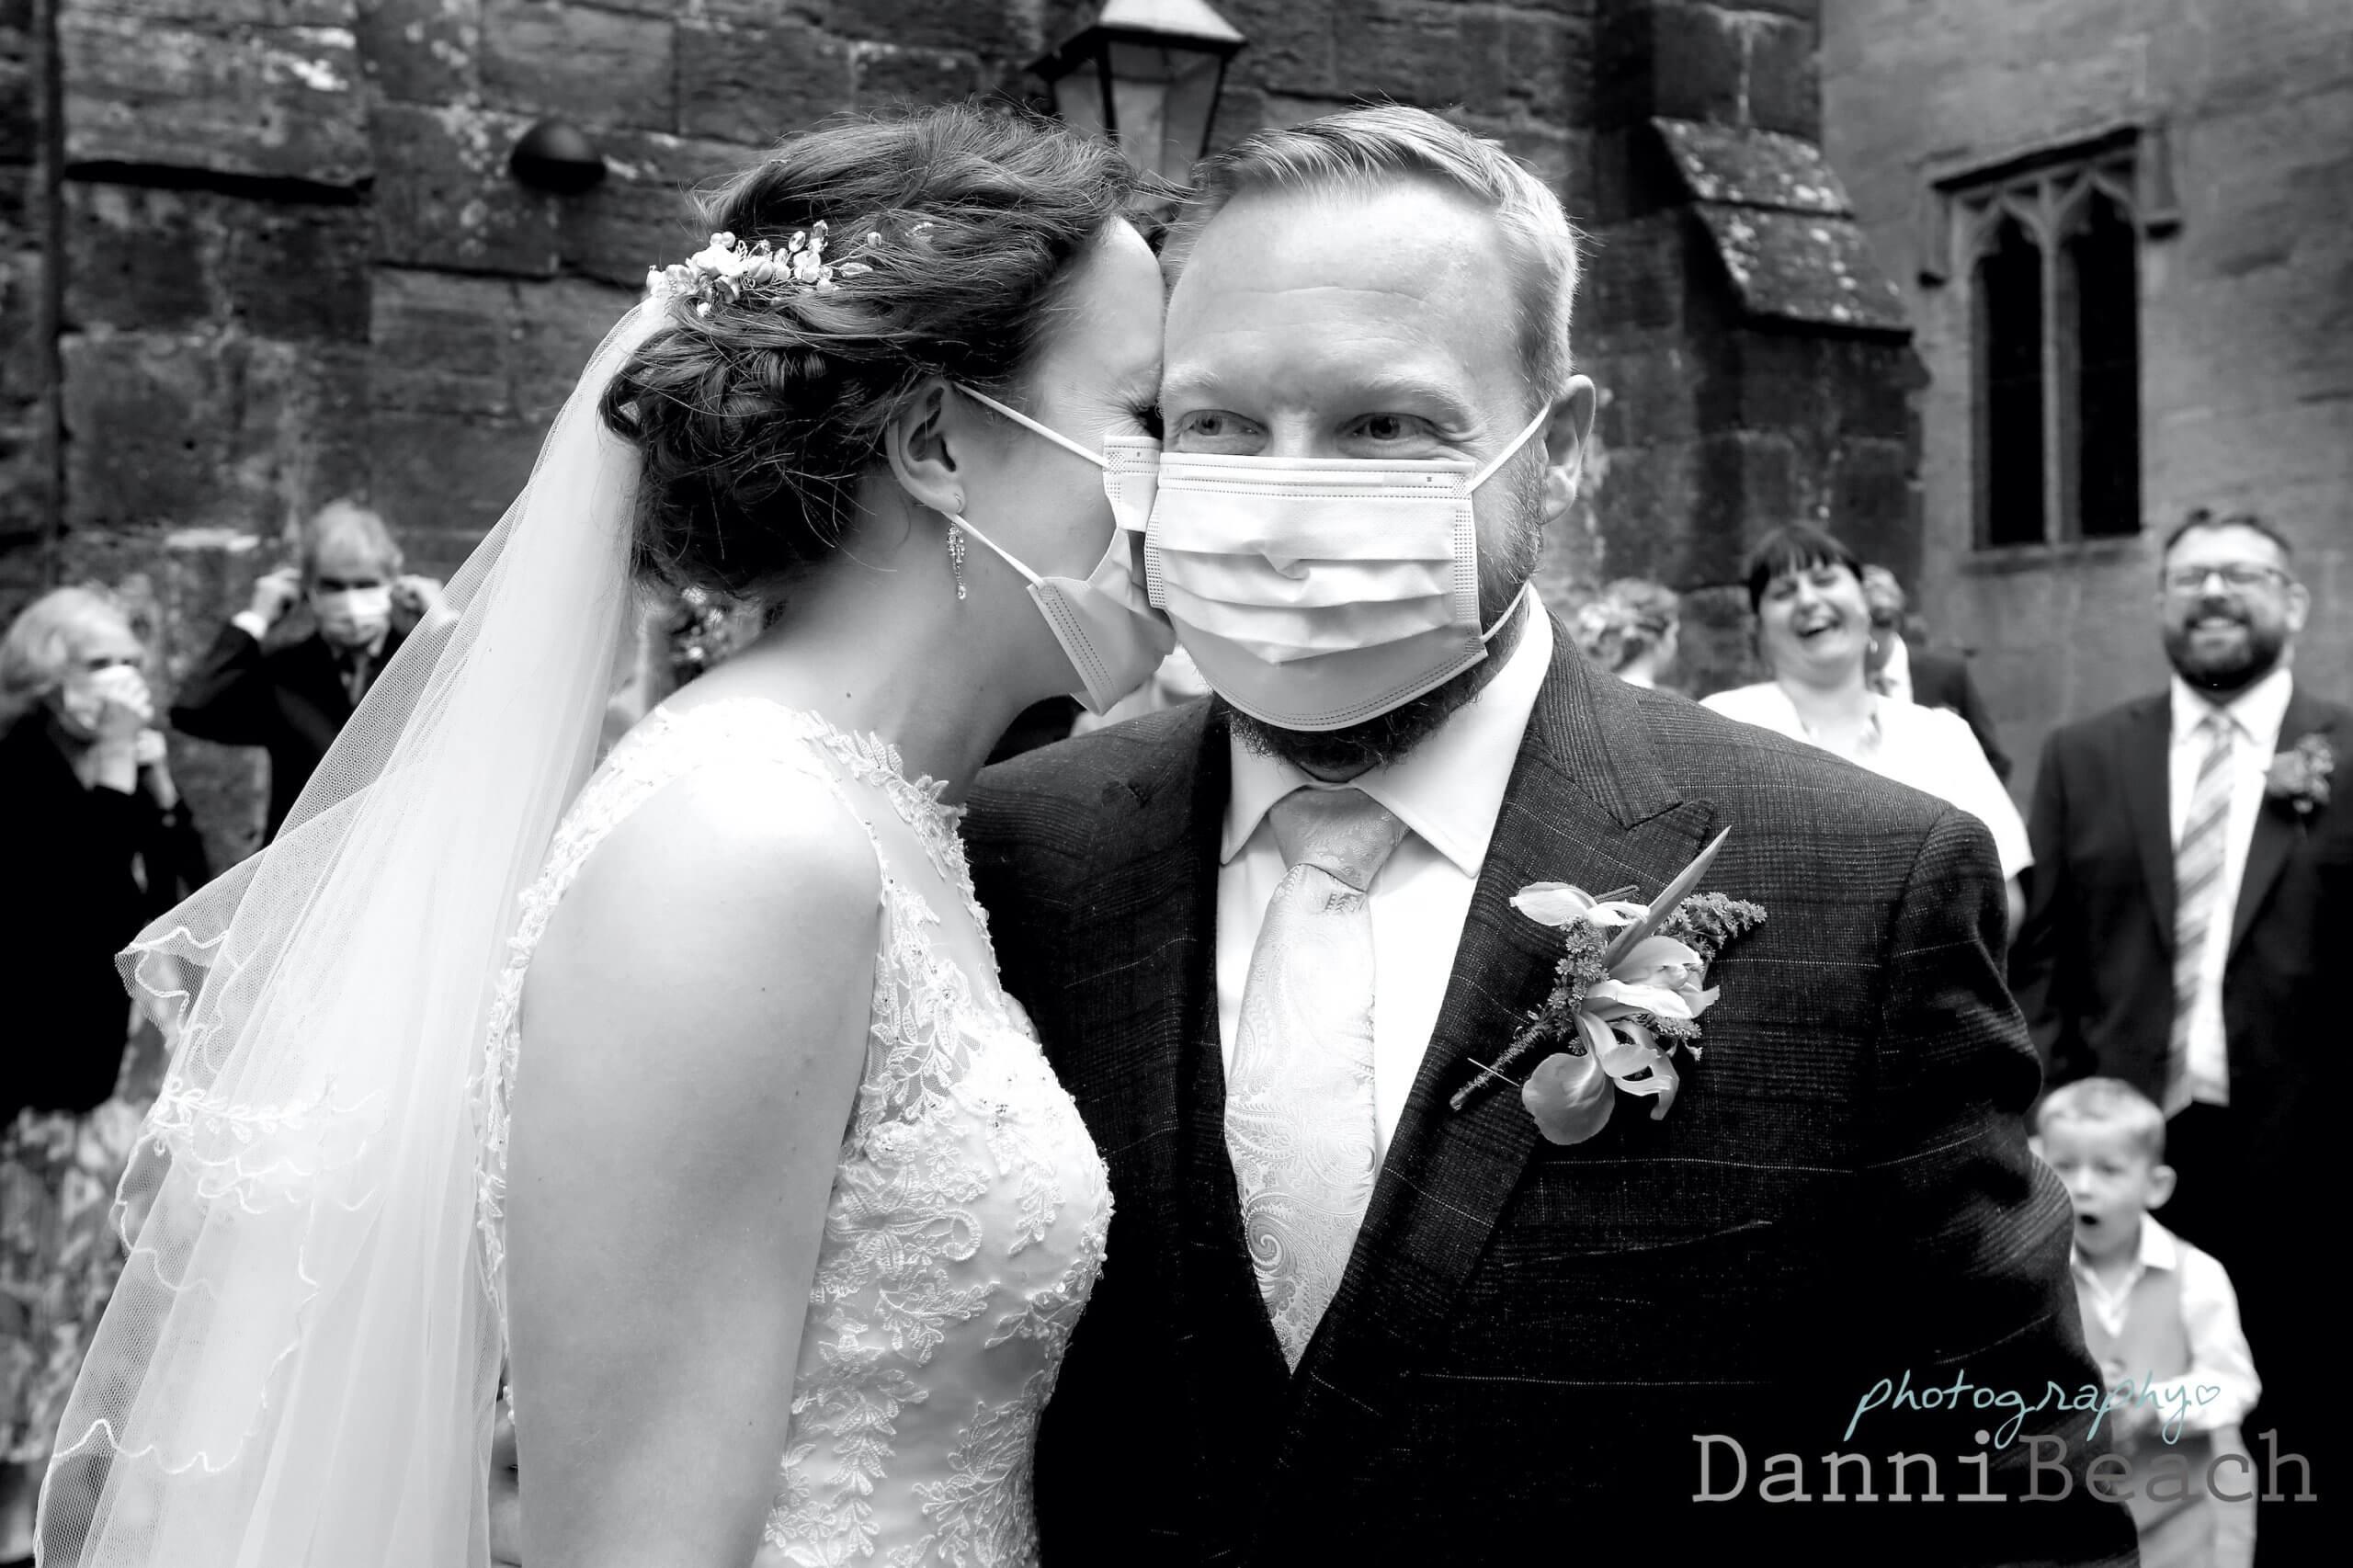 CHURCH WEDDING COVID 2020